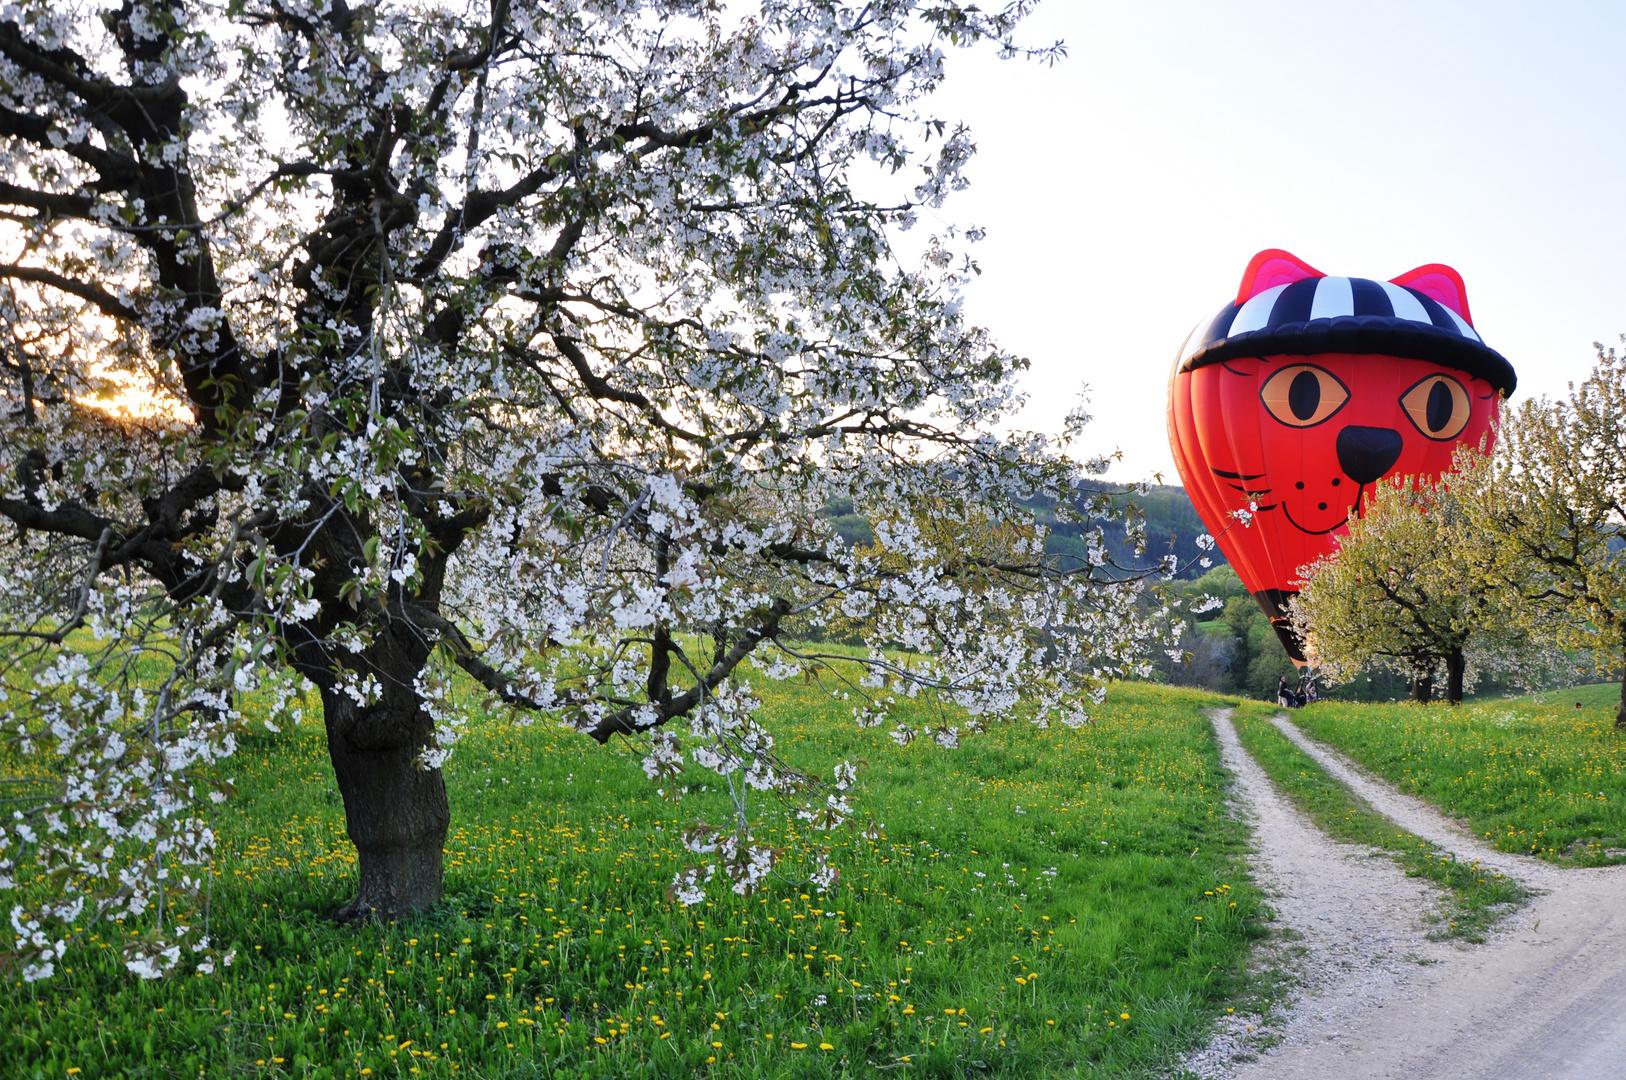 Landung bei den Kirschbäumen